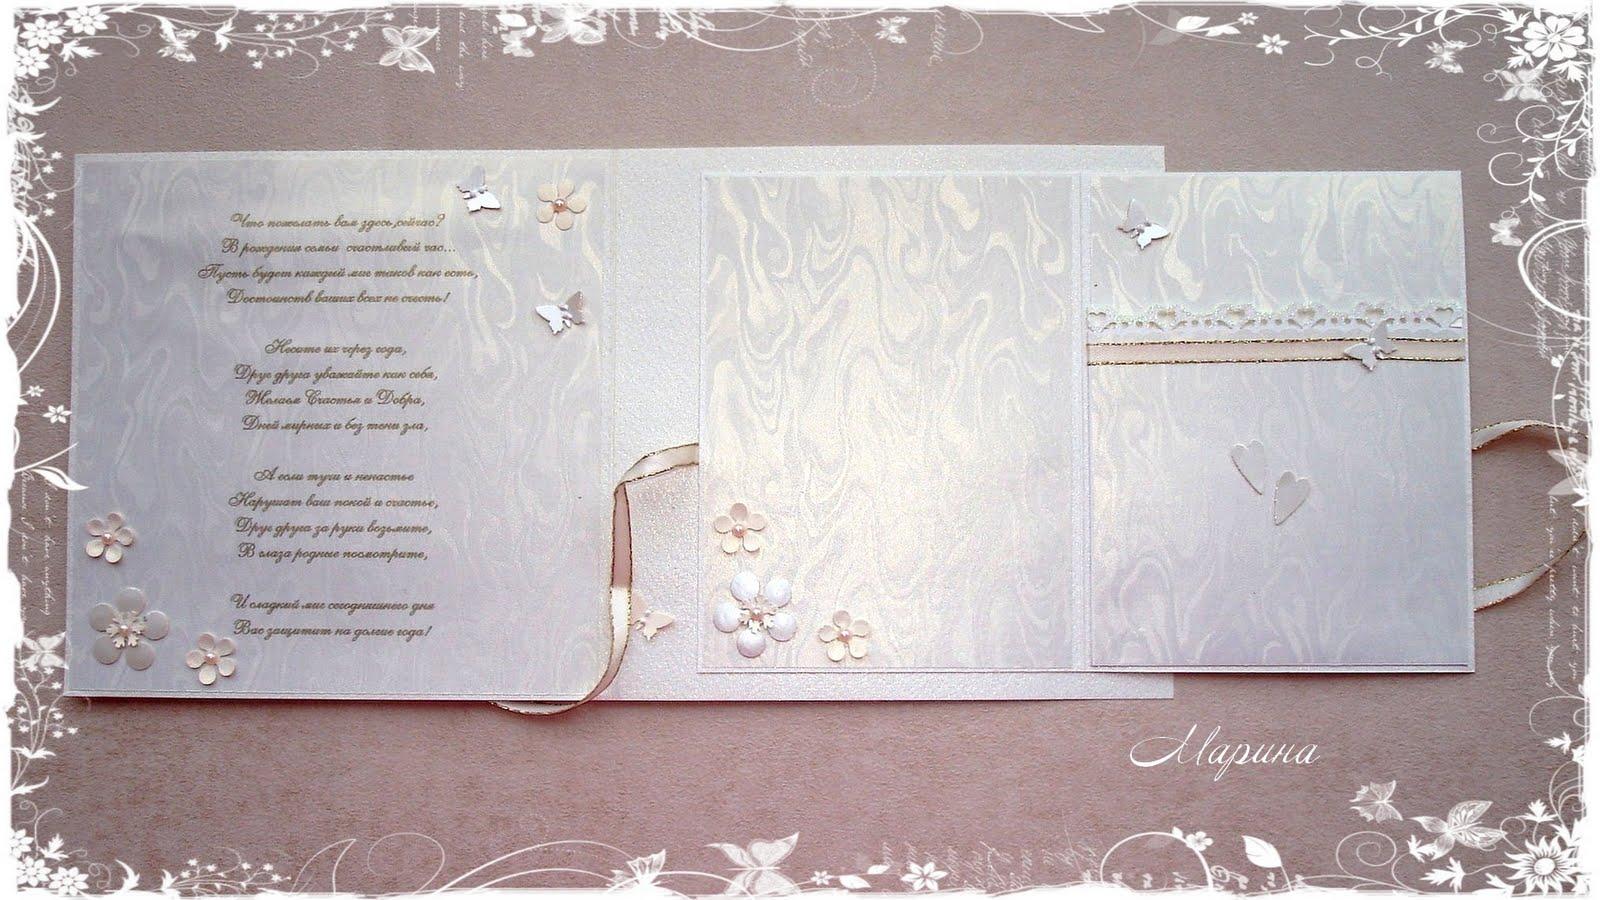 Как подписаться в открытке на свадьбу 18